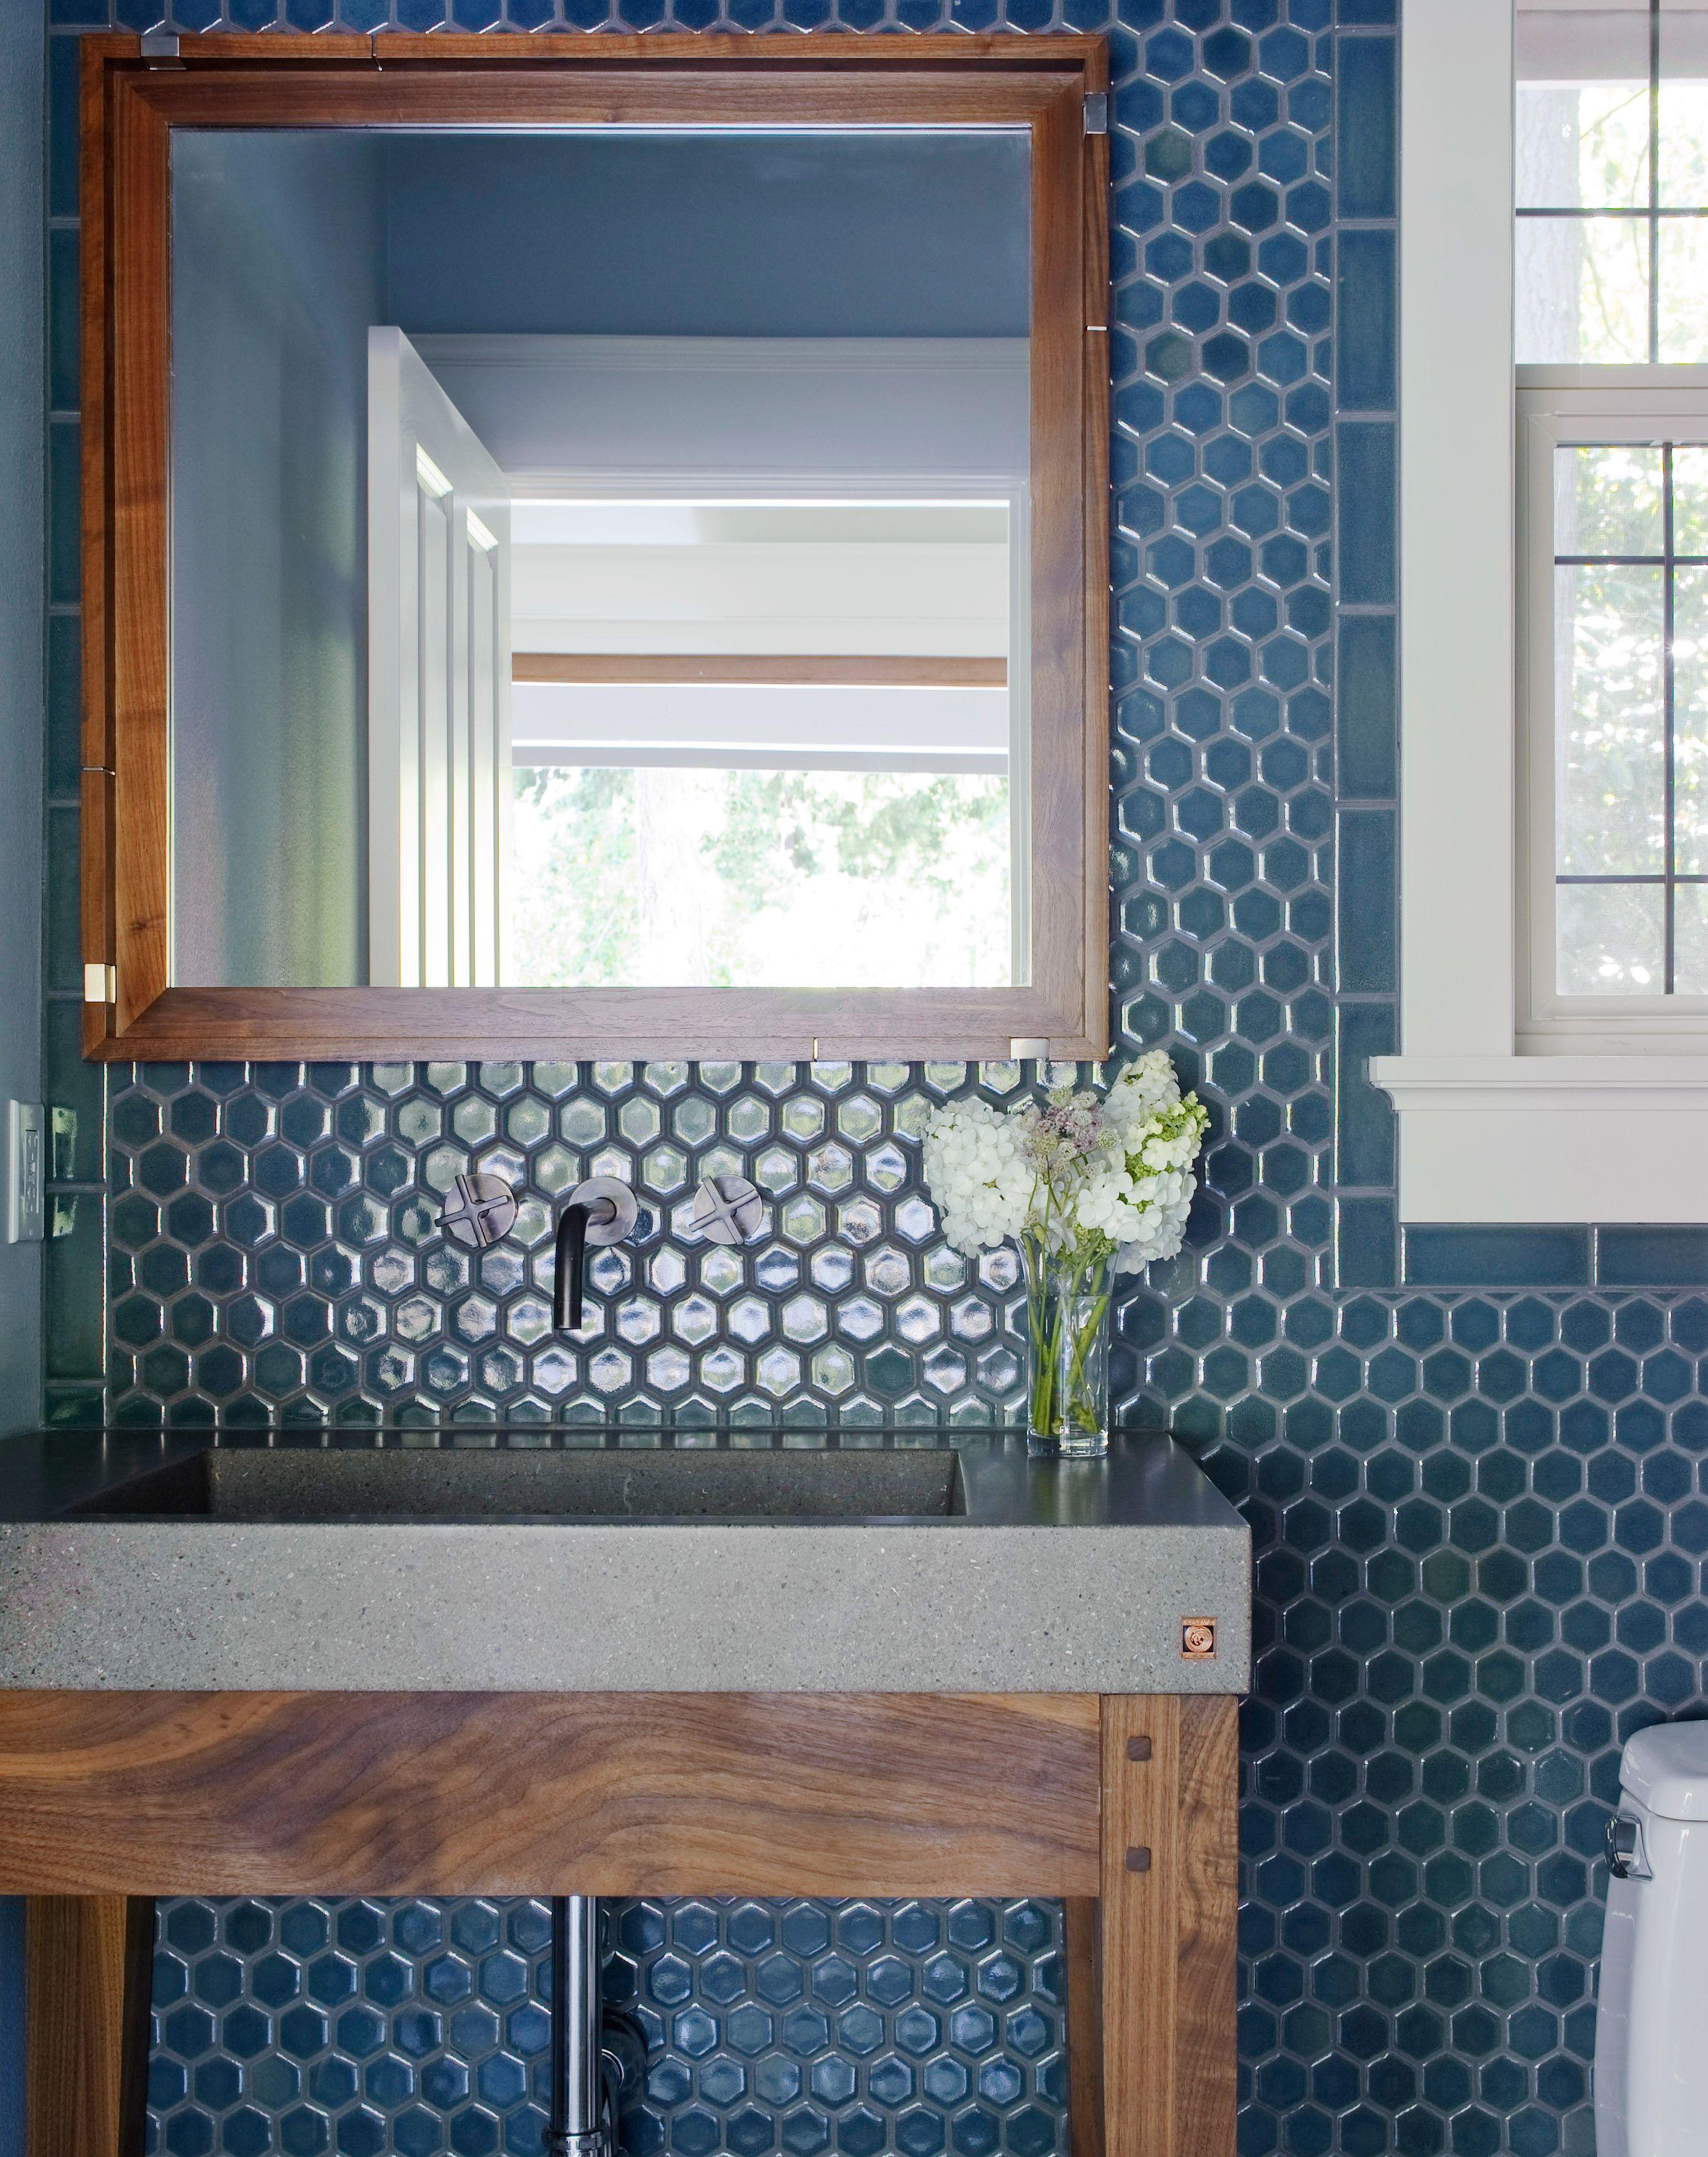 Ann Sacks Nottingham 2 Hexagon Ceramic Field In Blue Marine Blue Bathroom Tile Bathroom Design Decor Ann Sacks Tiles